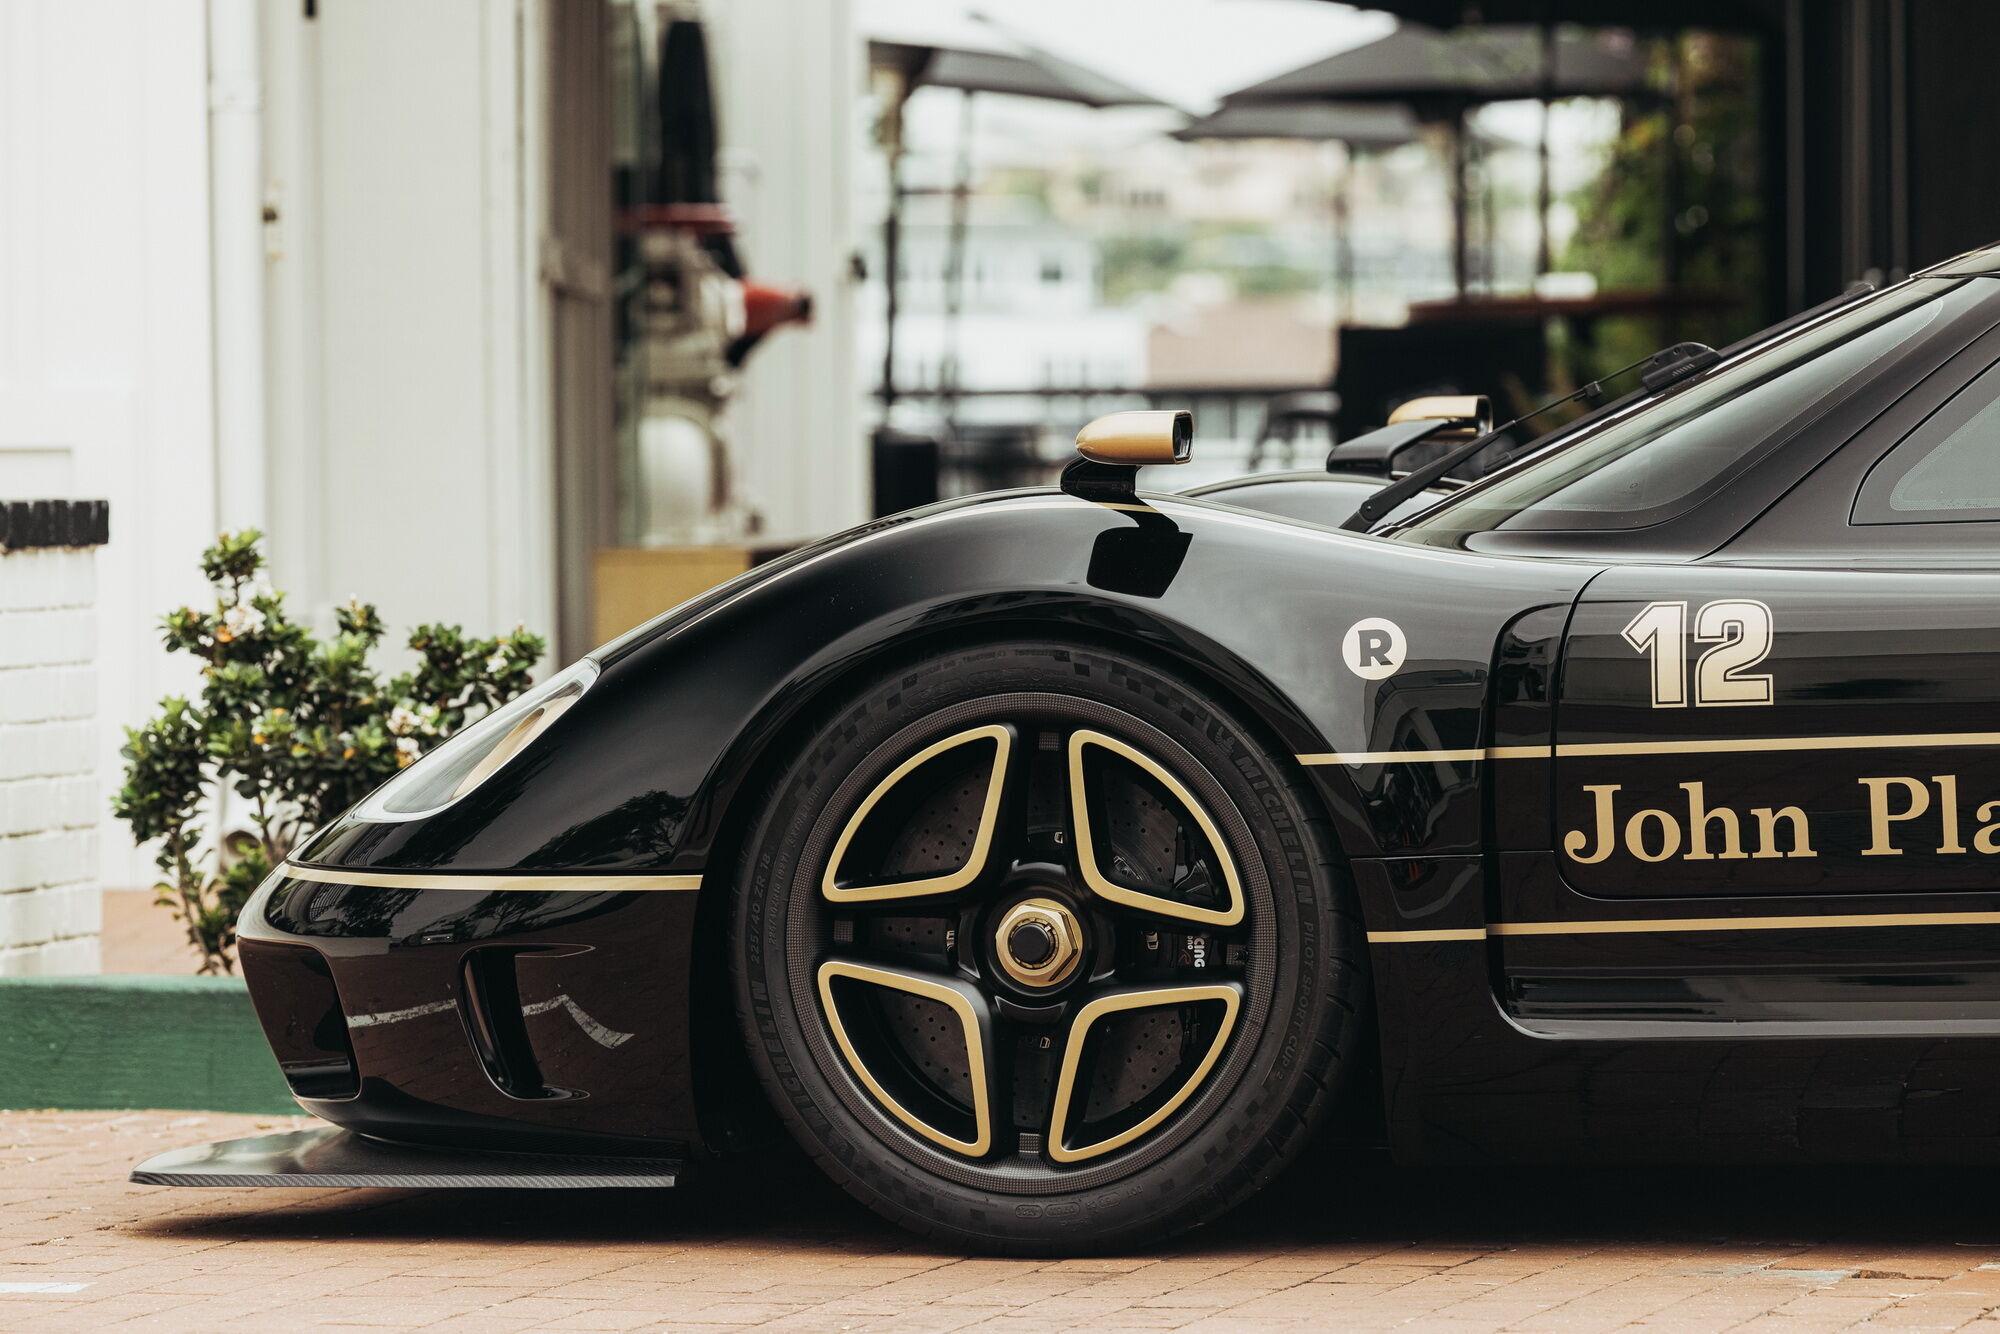 Автомобіль отримав супорти AP Monobloc та повністю карбонові диски діаметром 360 мм